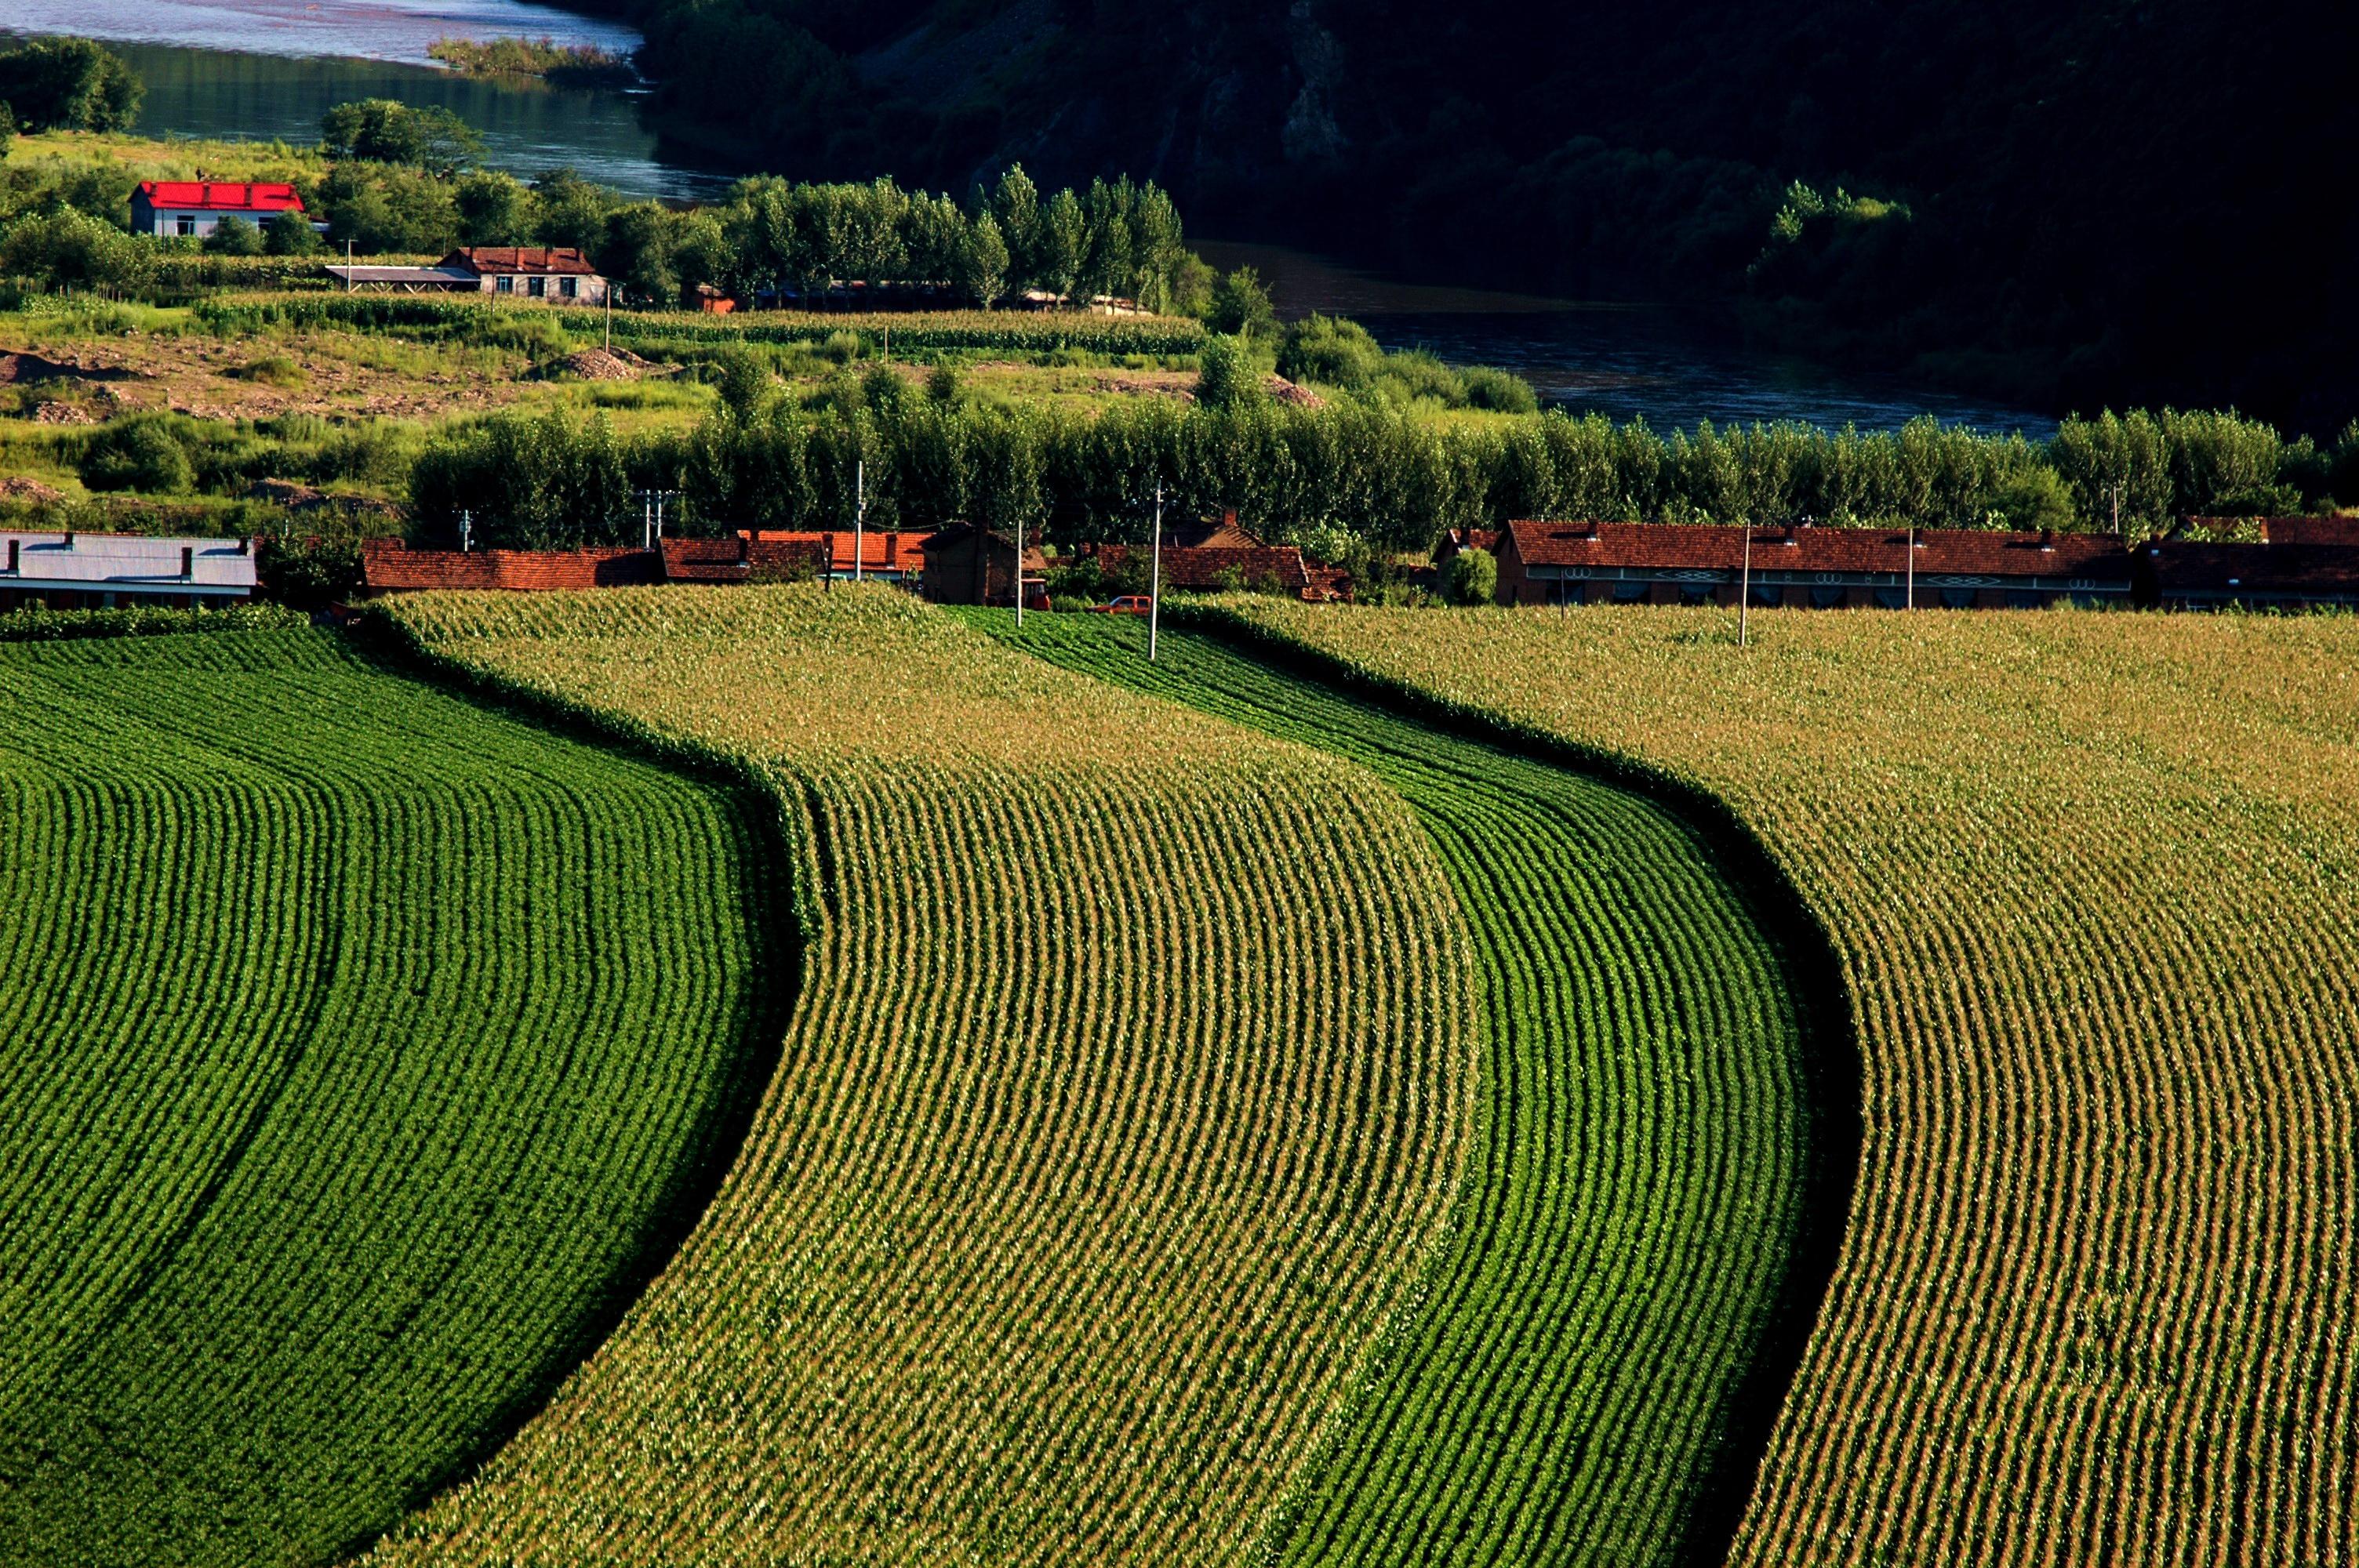 农业合作图片素材